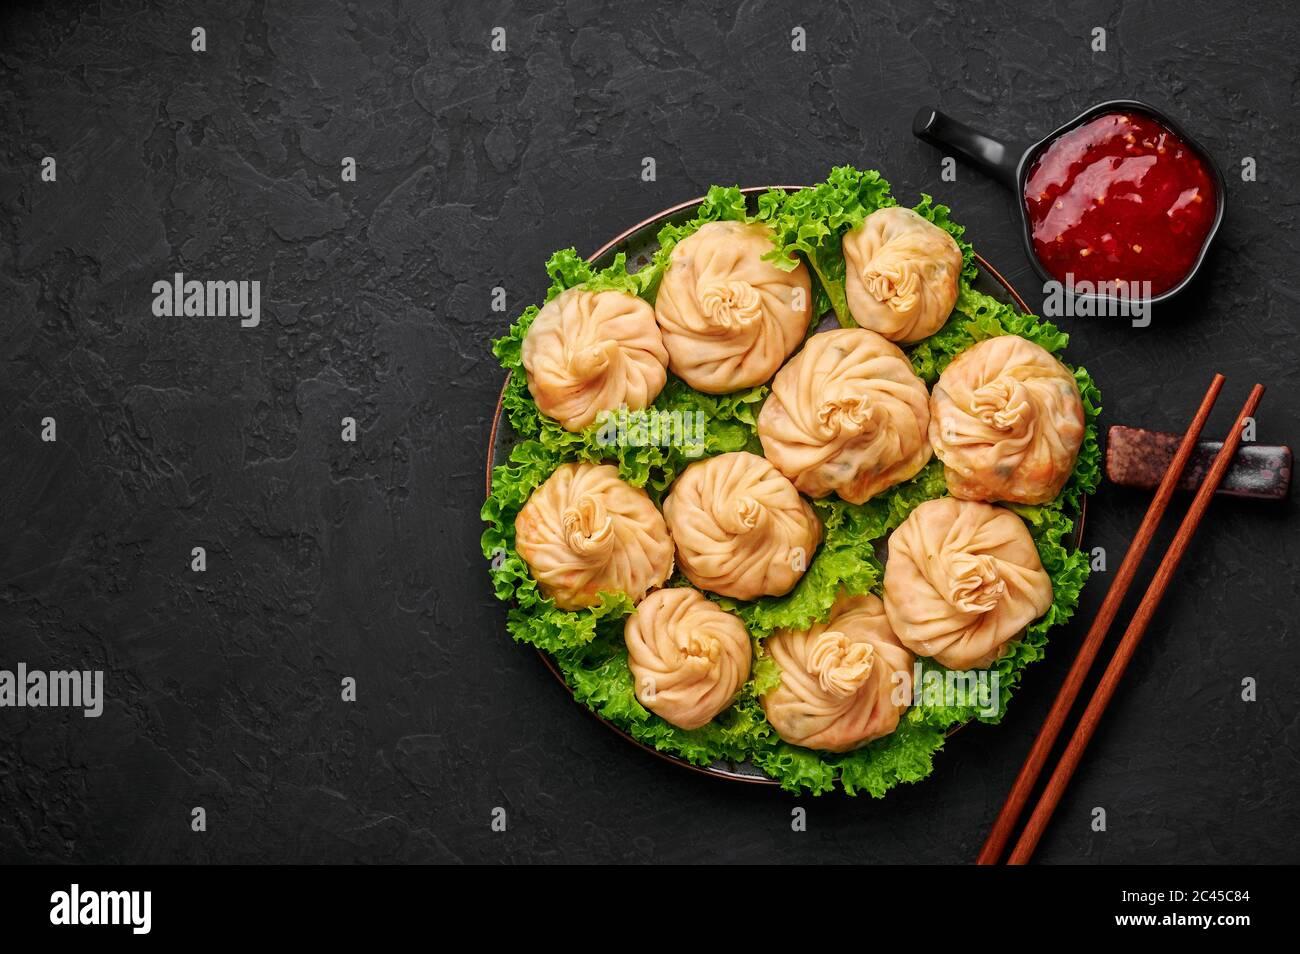 Veg Momos auf schwarzer Schieferplatte. Momos ist das beliebte Gericht der indischen, tibetischen, chinesischen Küche. Asiatische Küche. Vegetarisches Menü. Speicherplatz kopieren. Draufsicht Stockfoto